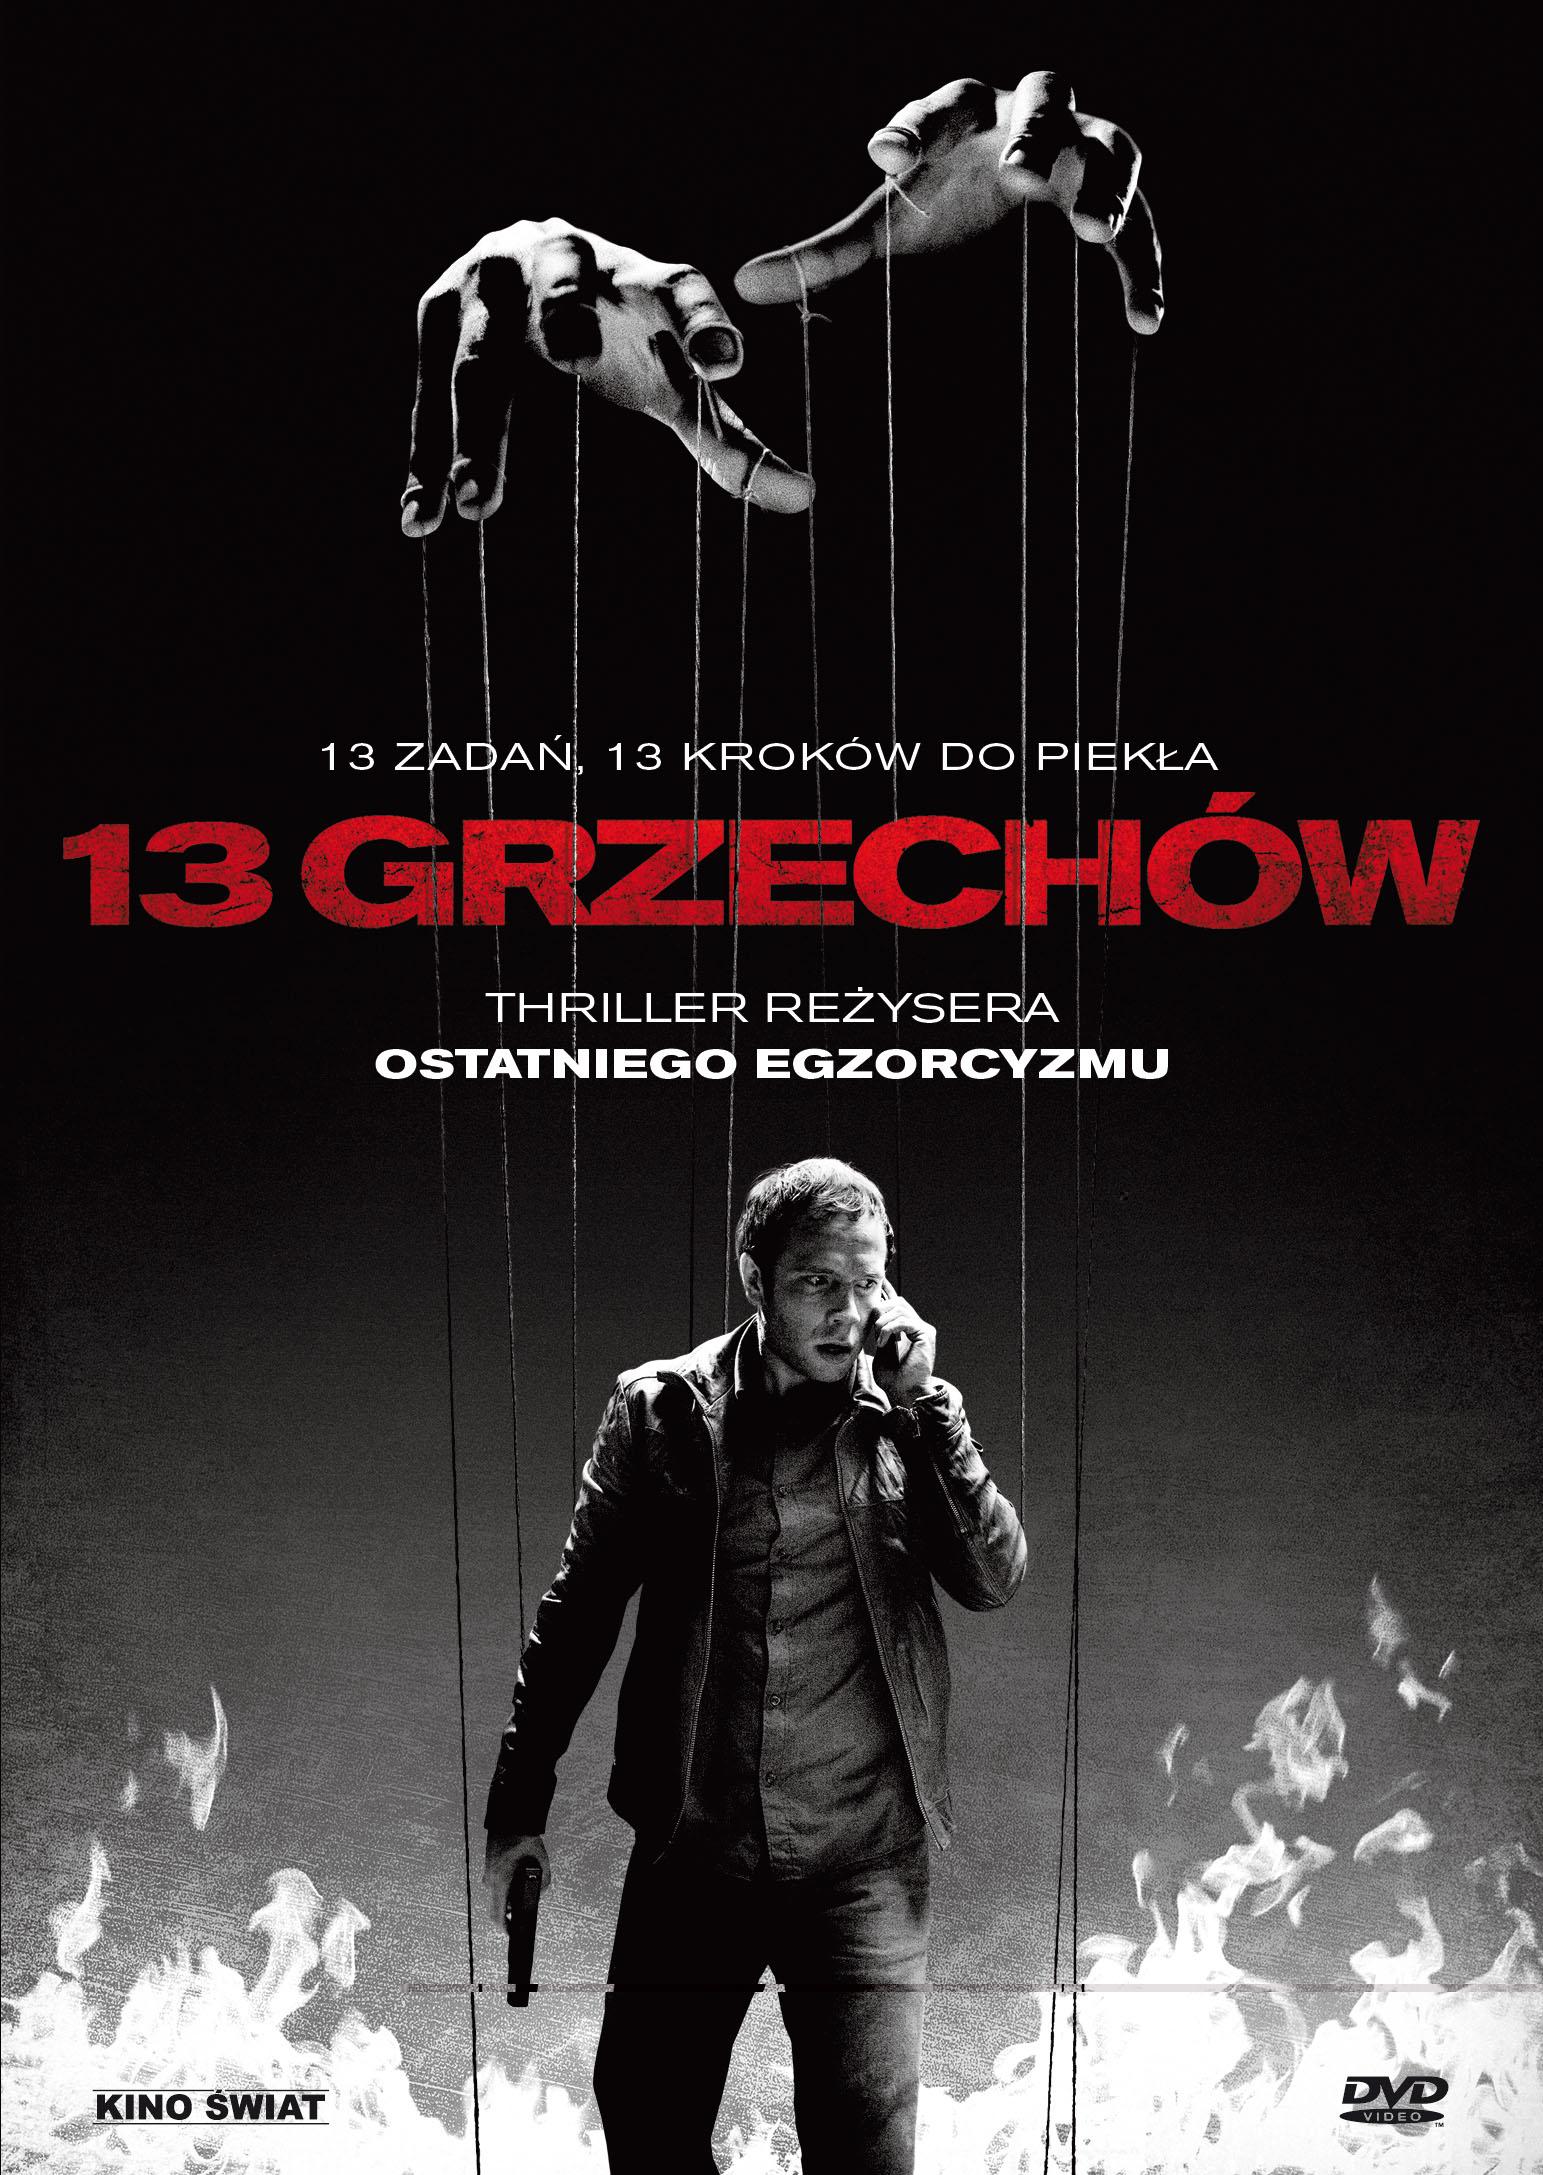 13_grzechow-1str_DVD